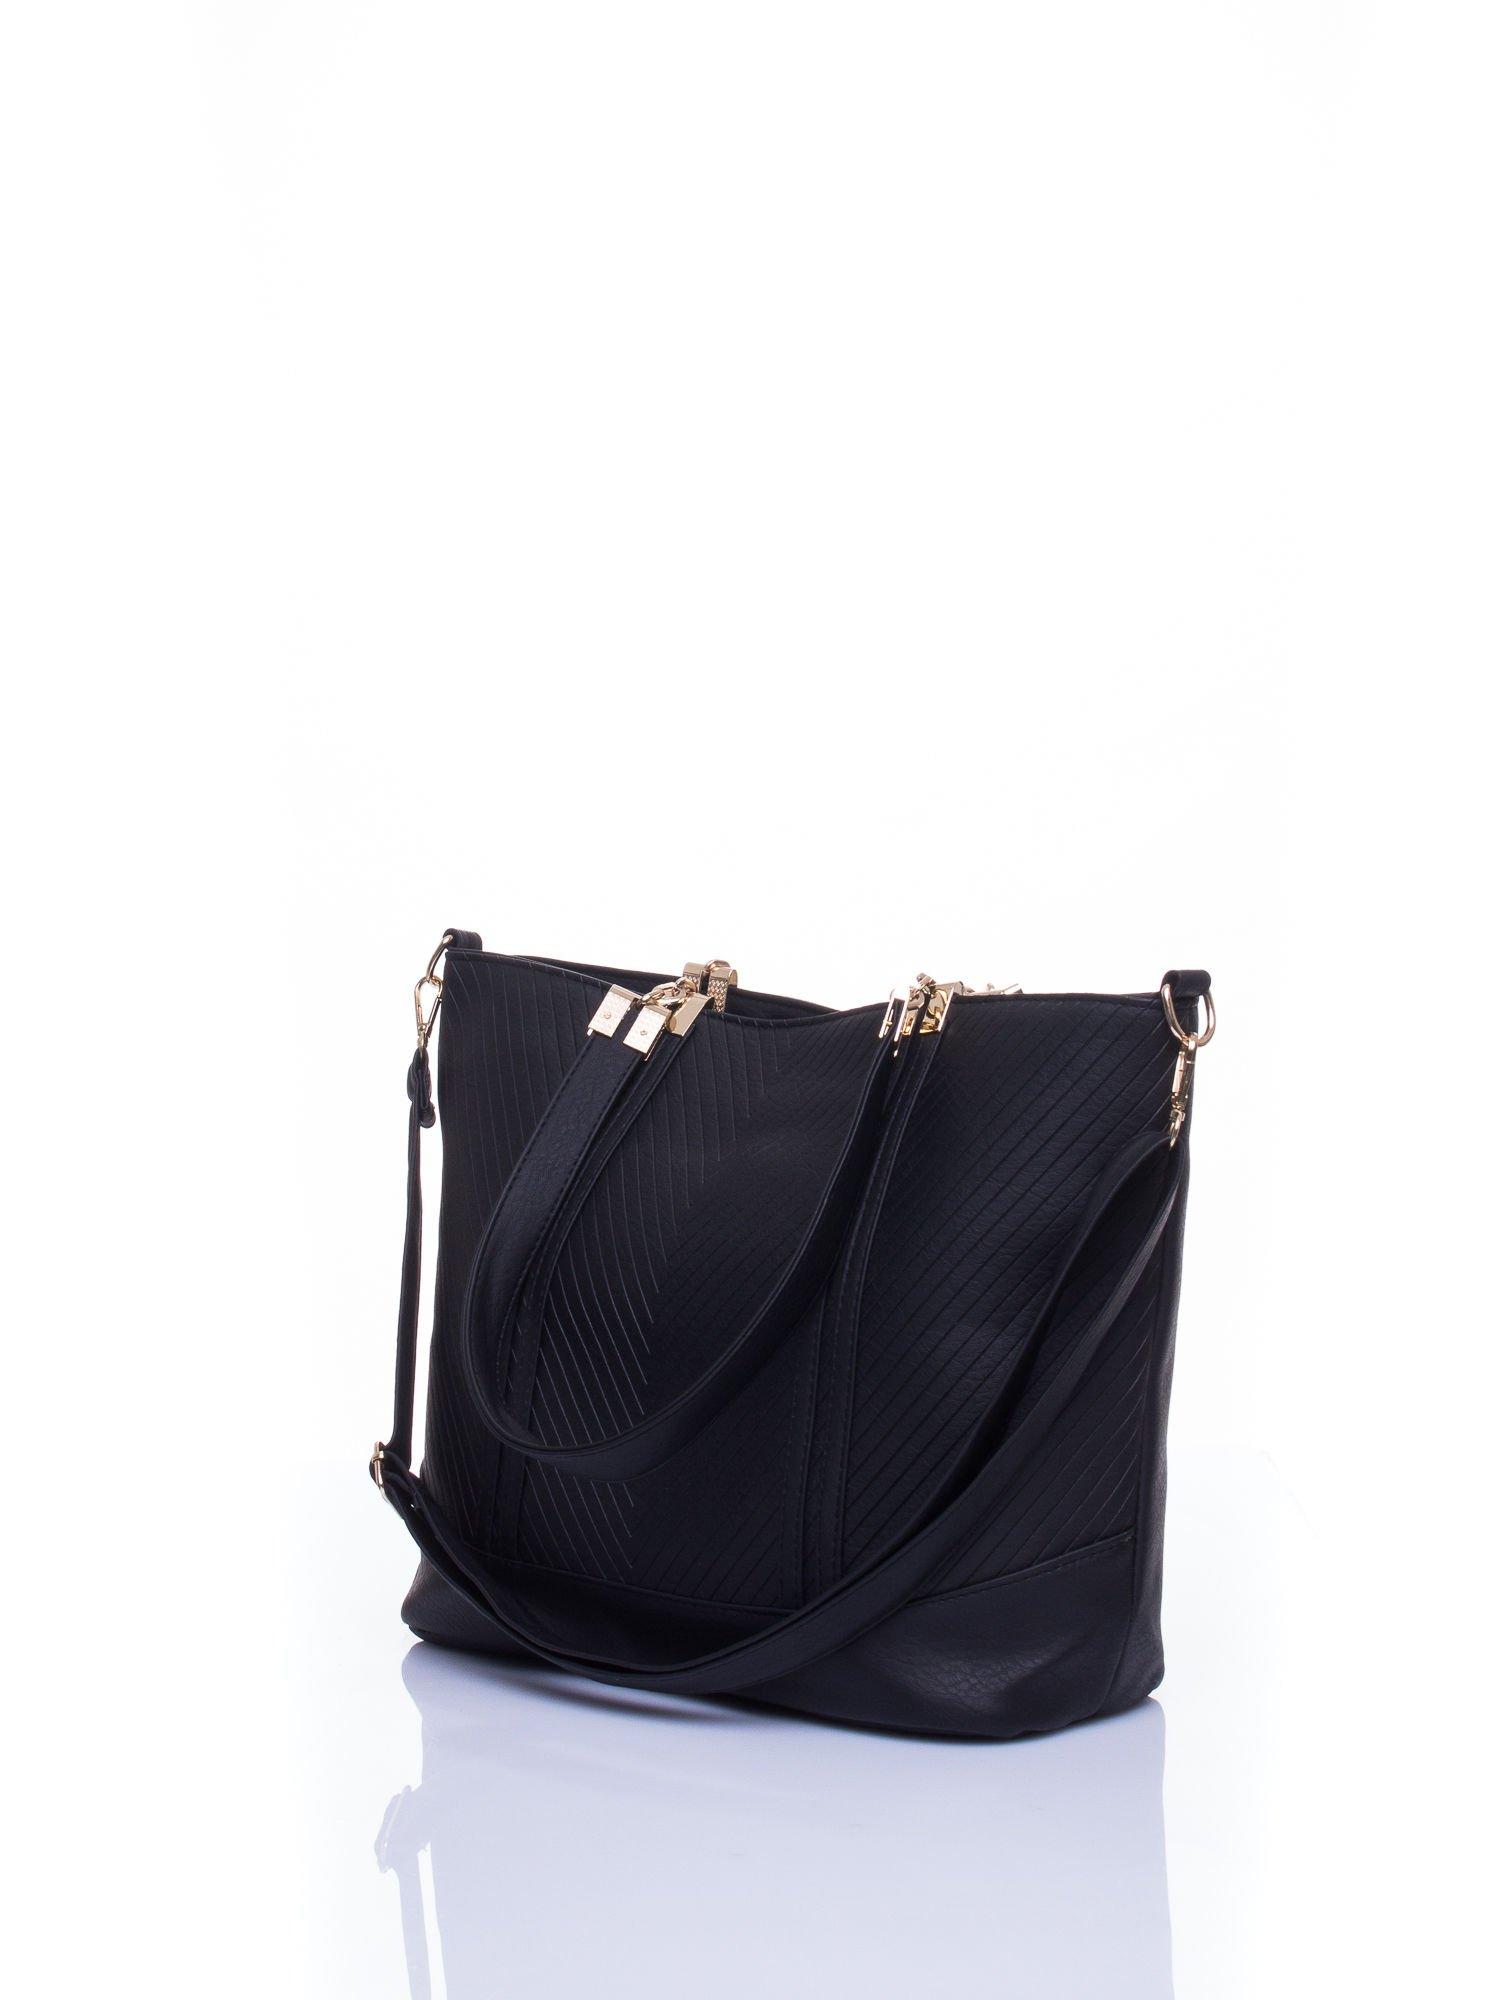 Czarna fakturowana torebka damska ze złotymi okuciami                                  zdj.                                  5